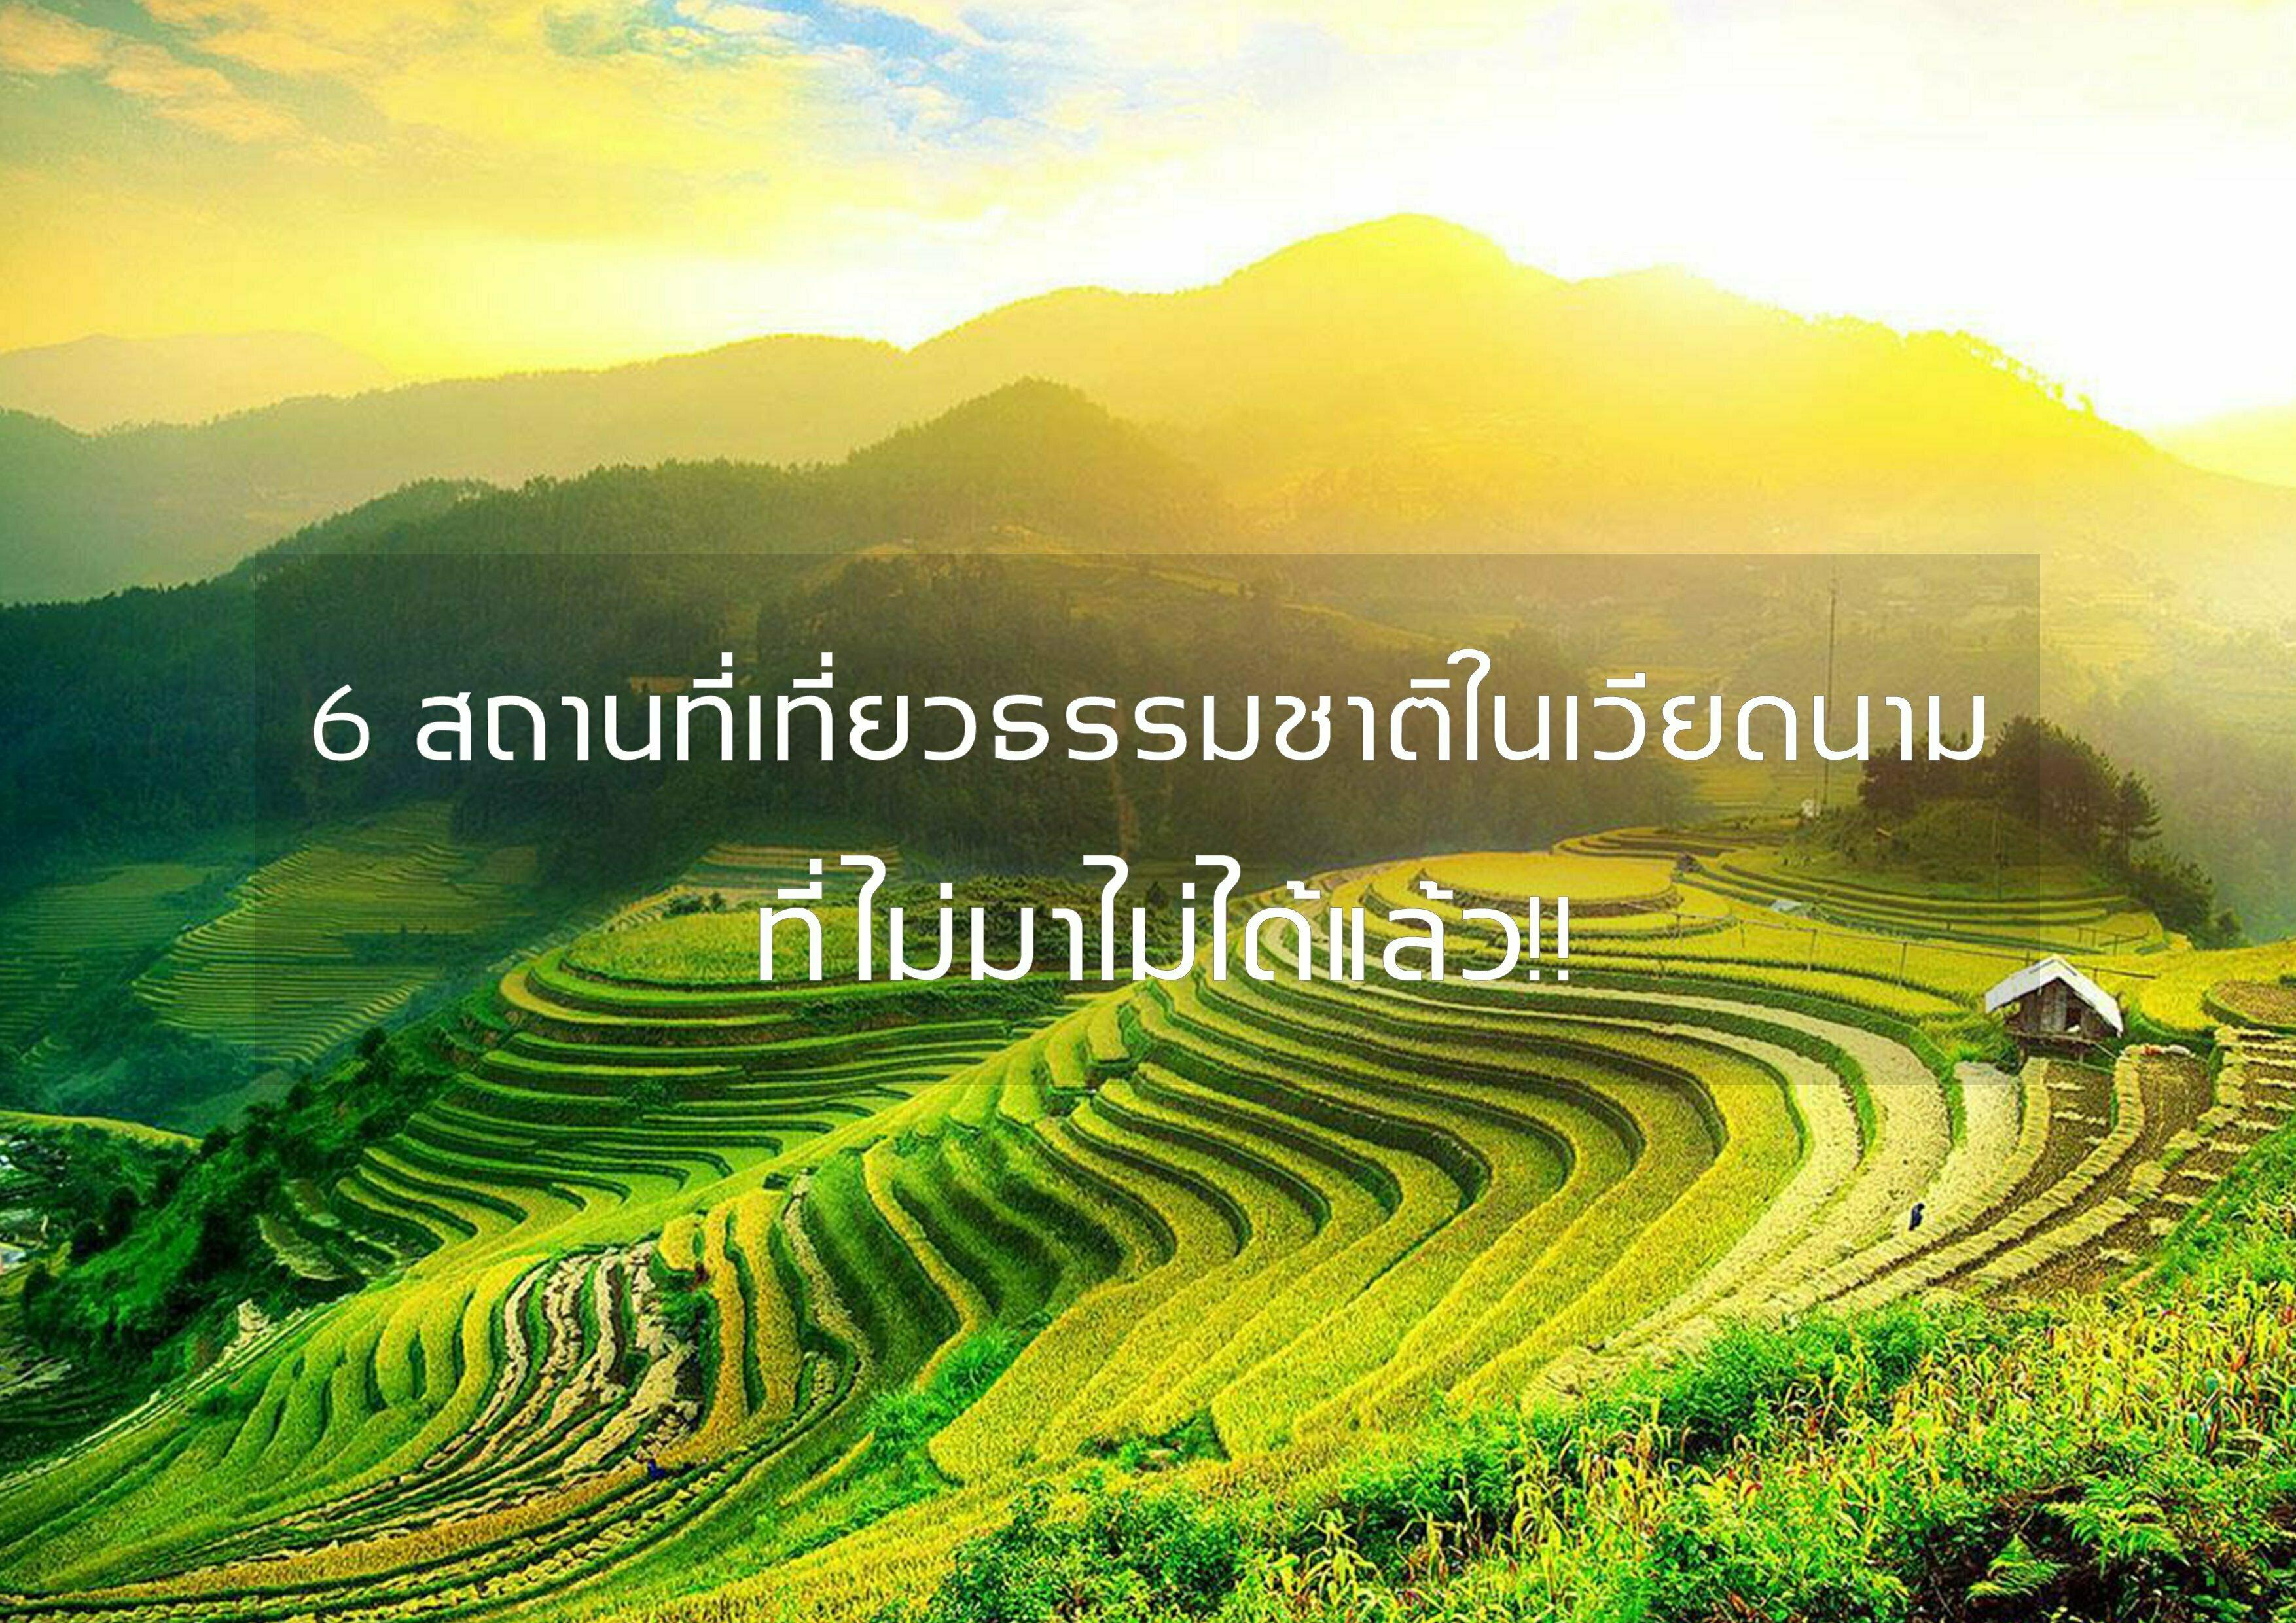 6 สถานที่เที่ยวธรรมชาติในเวียดนาม ที่ไม่มาไม่ได้แล้ว!!